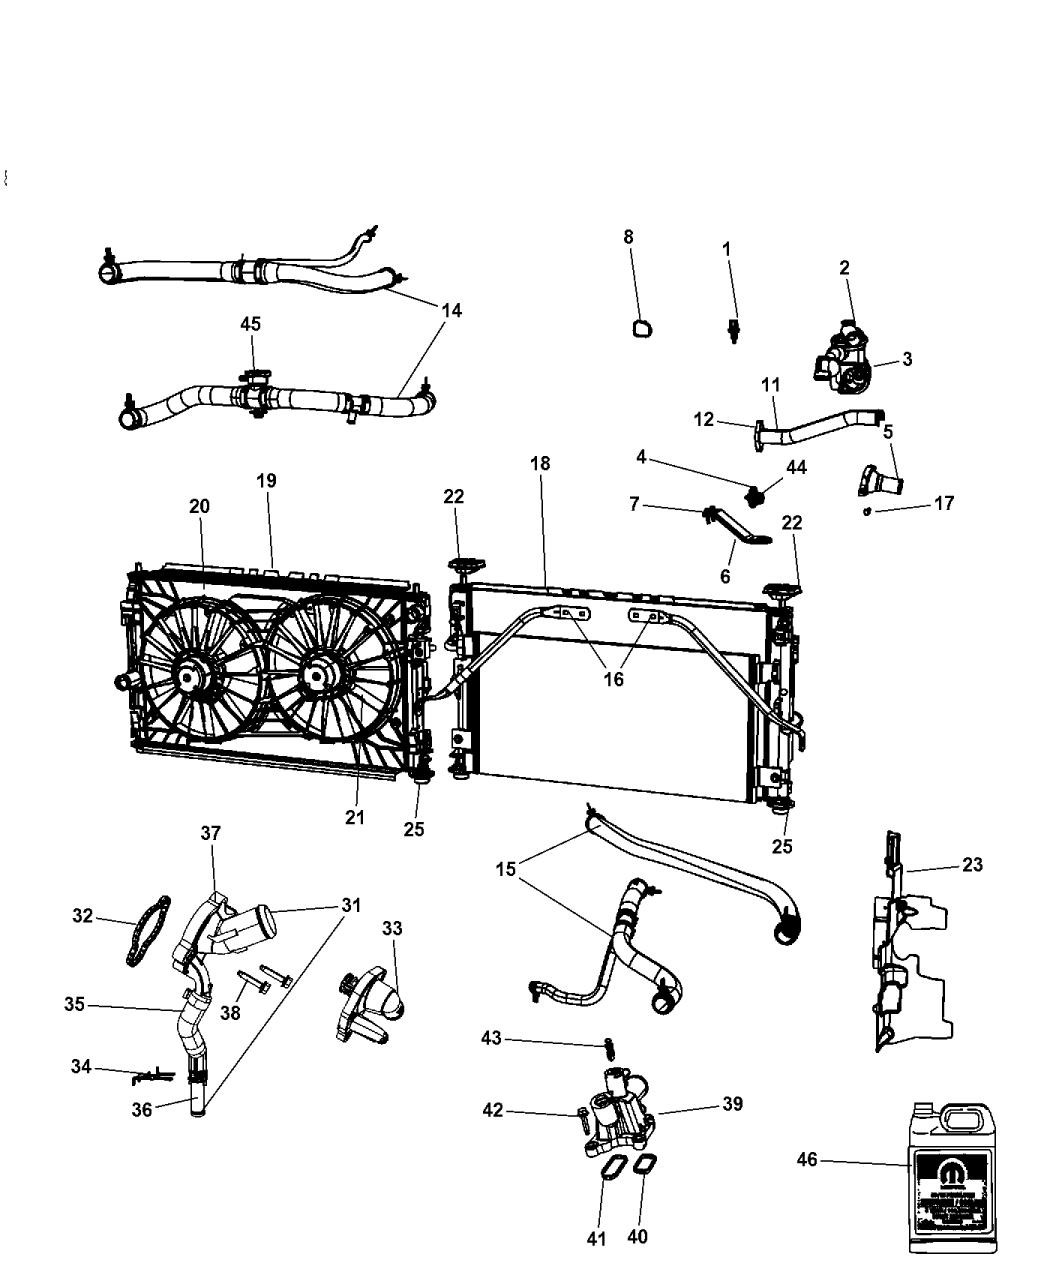 2007 chrysler sebring radiator & related parts